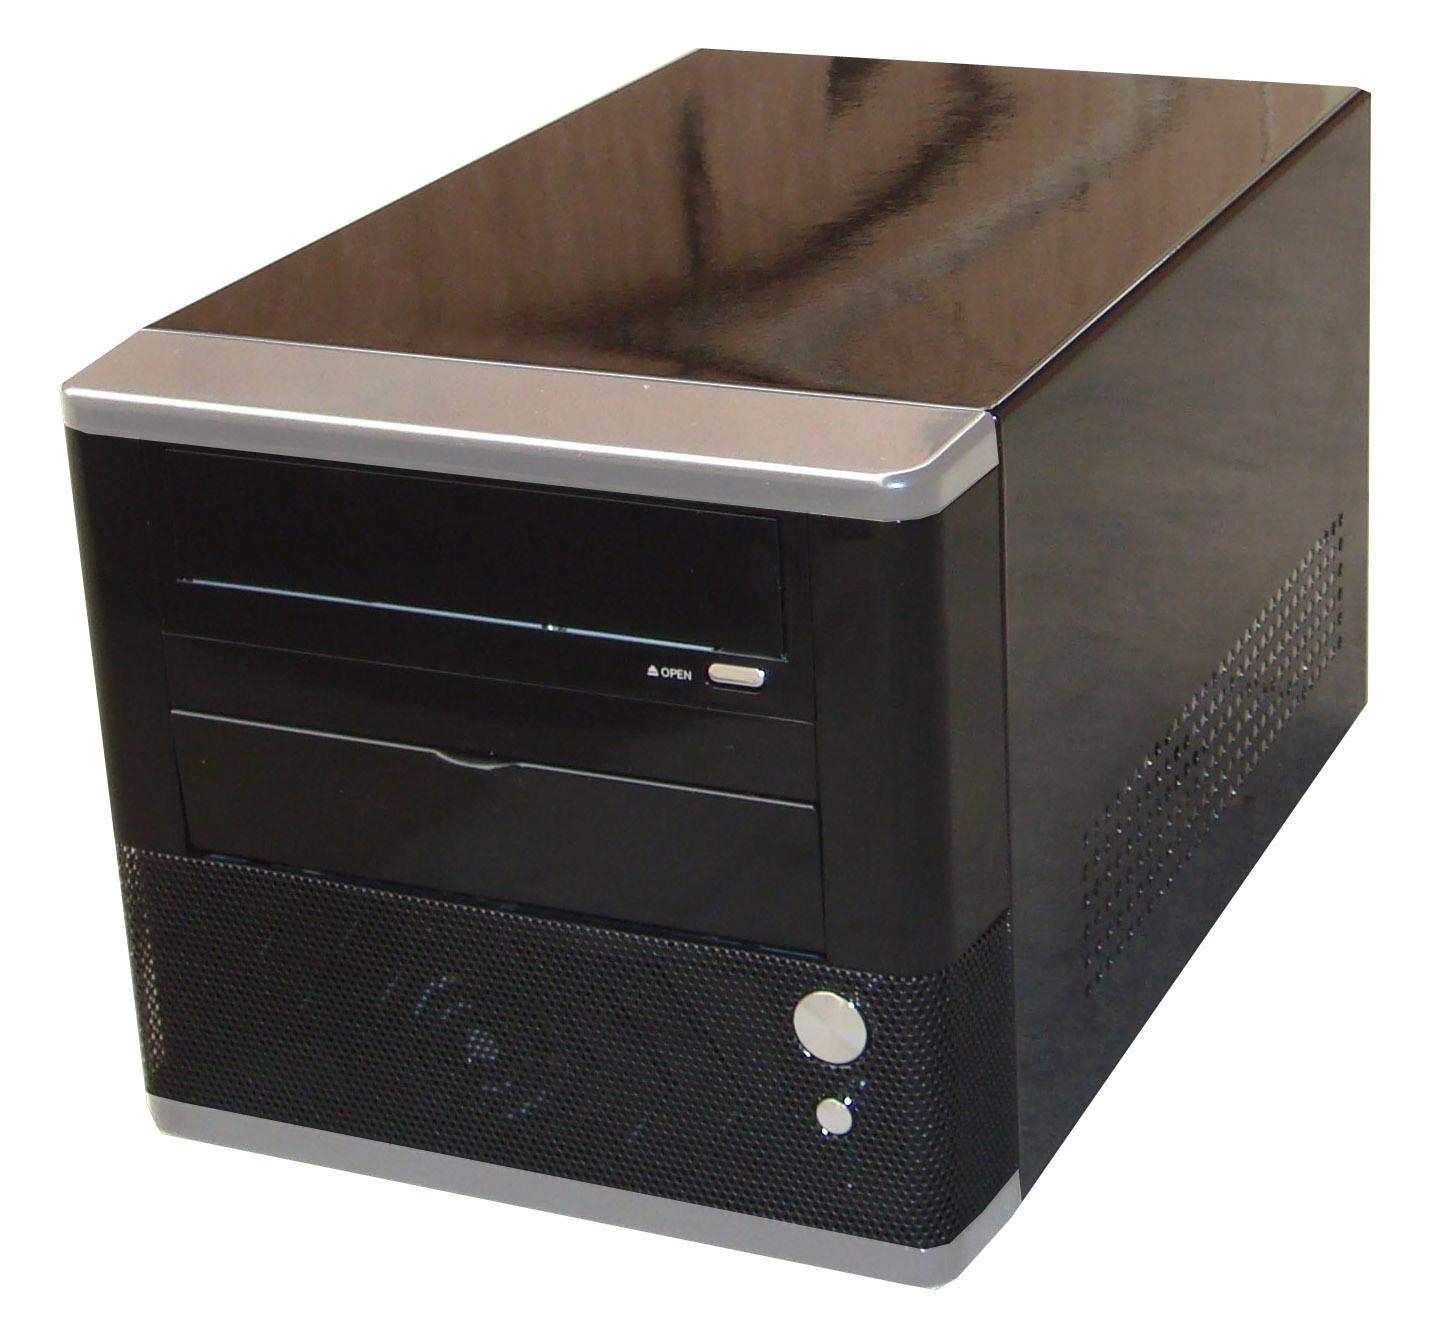 China Mini Itx Computer Case (PIX-1001) - China Mini Itx Computer Case and Computer Case price